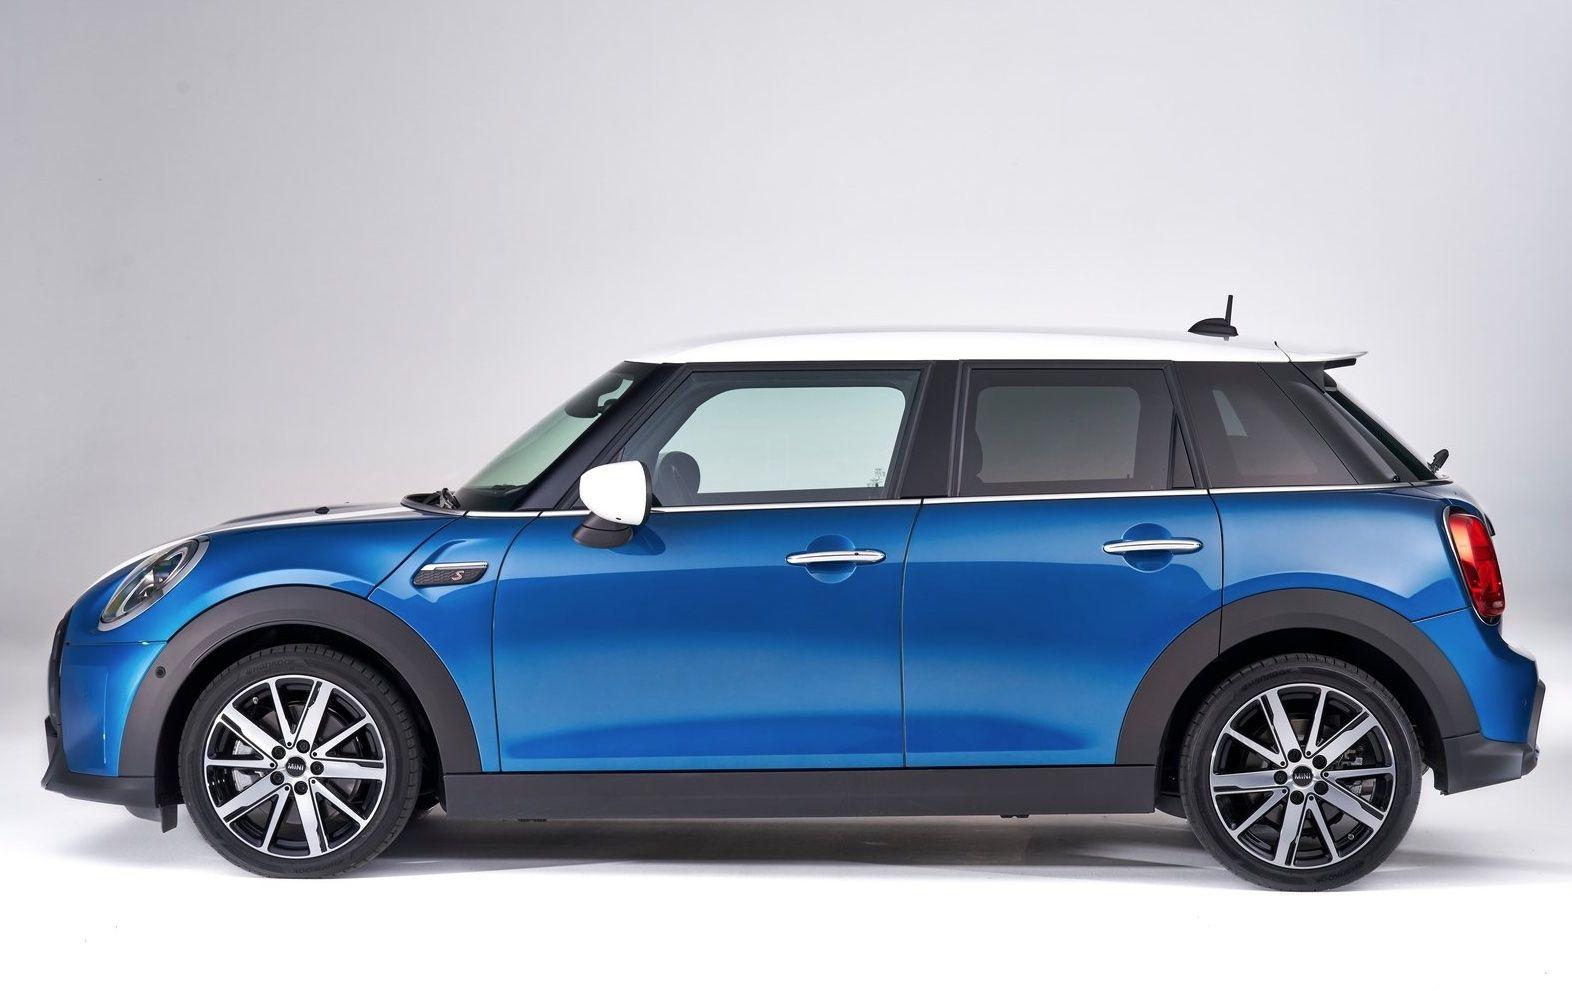 Mini Cooper S 5 Door 2022 In 2021 Mini Cooper S New Mini Cooper Blue Mini Cooper